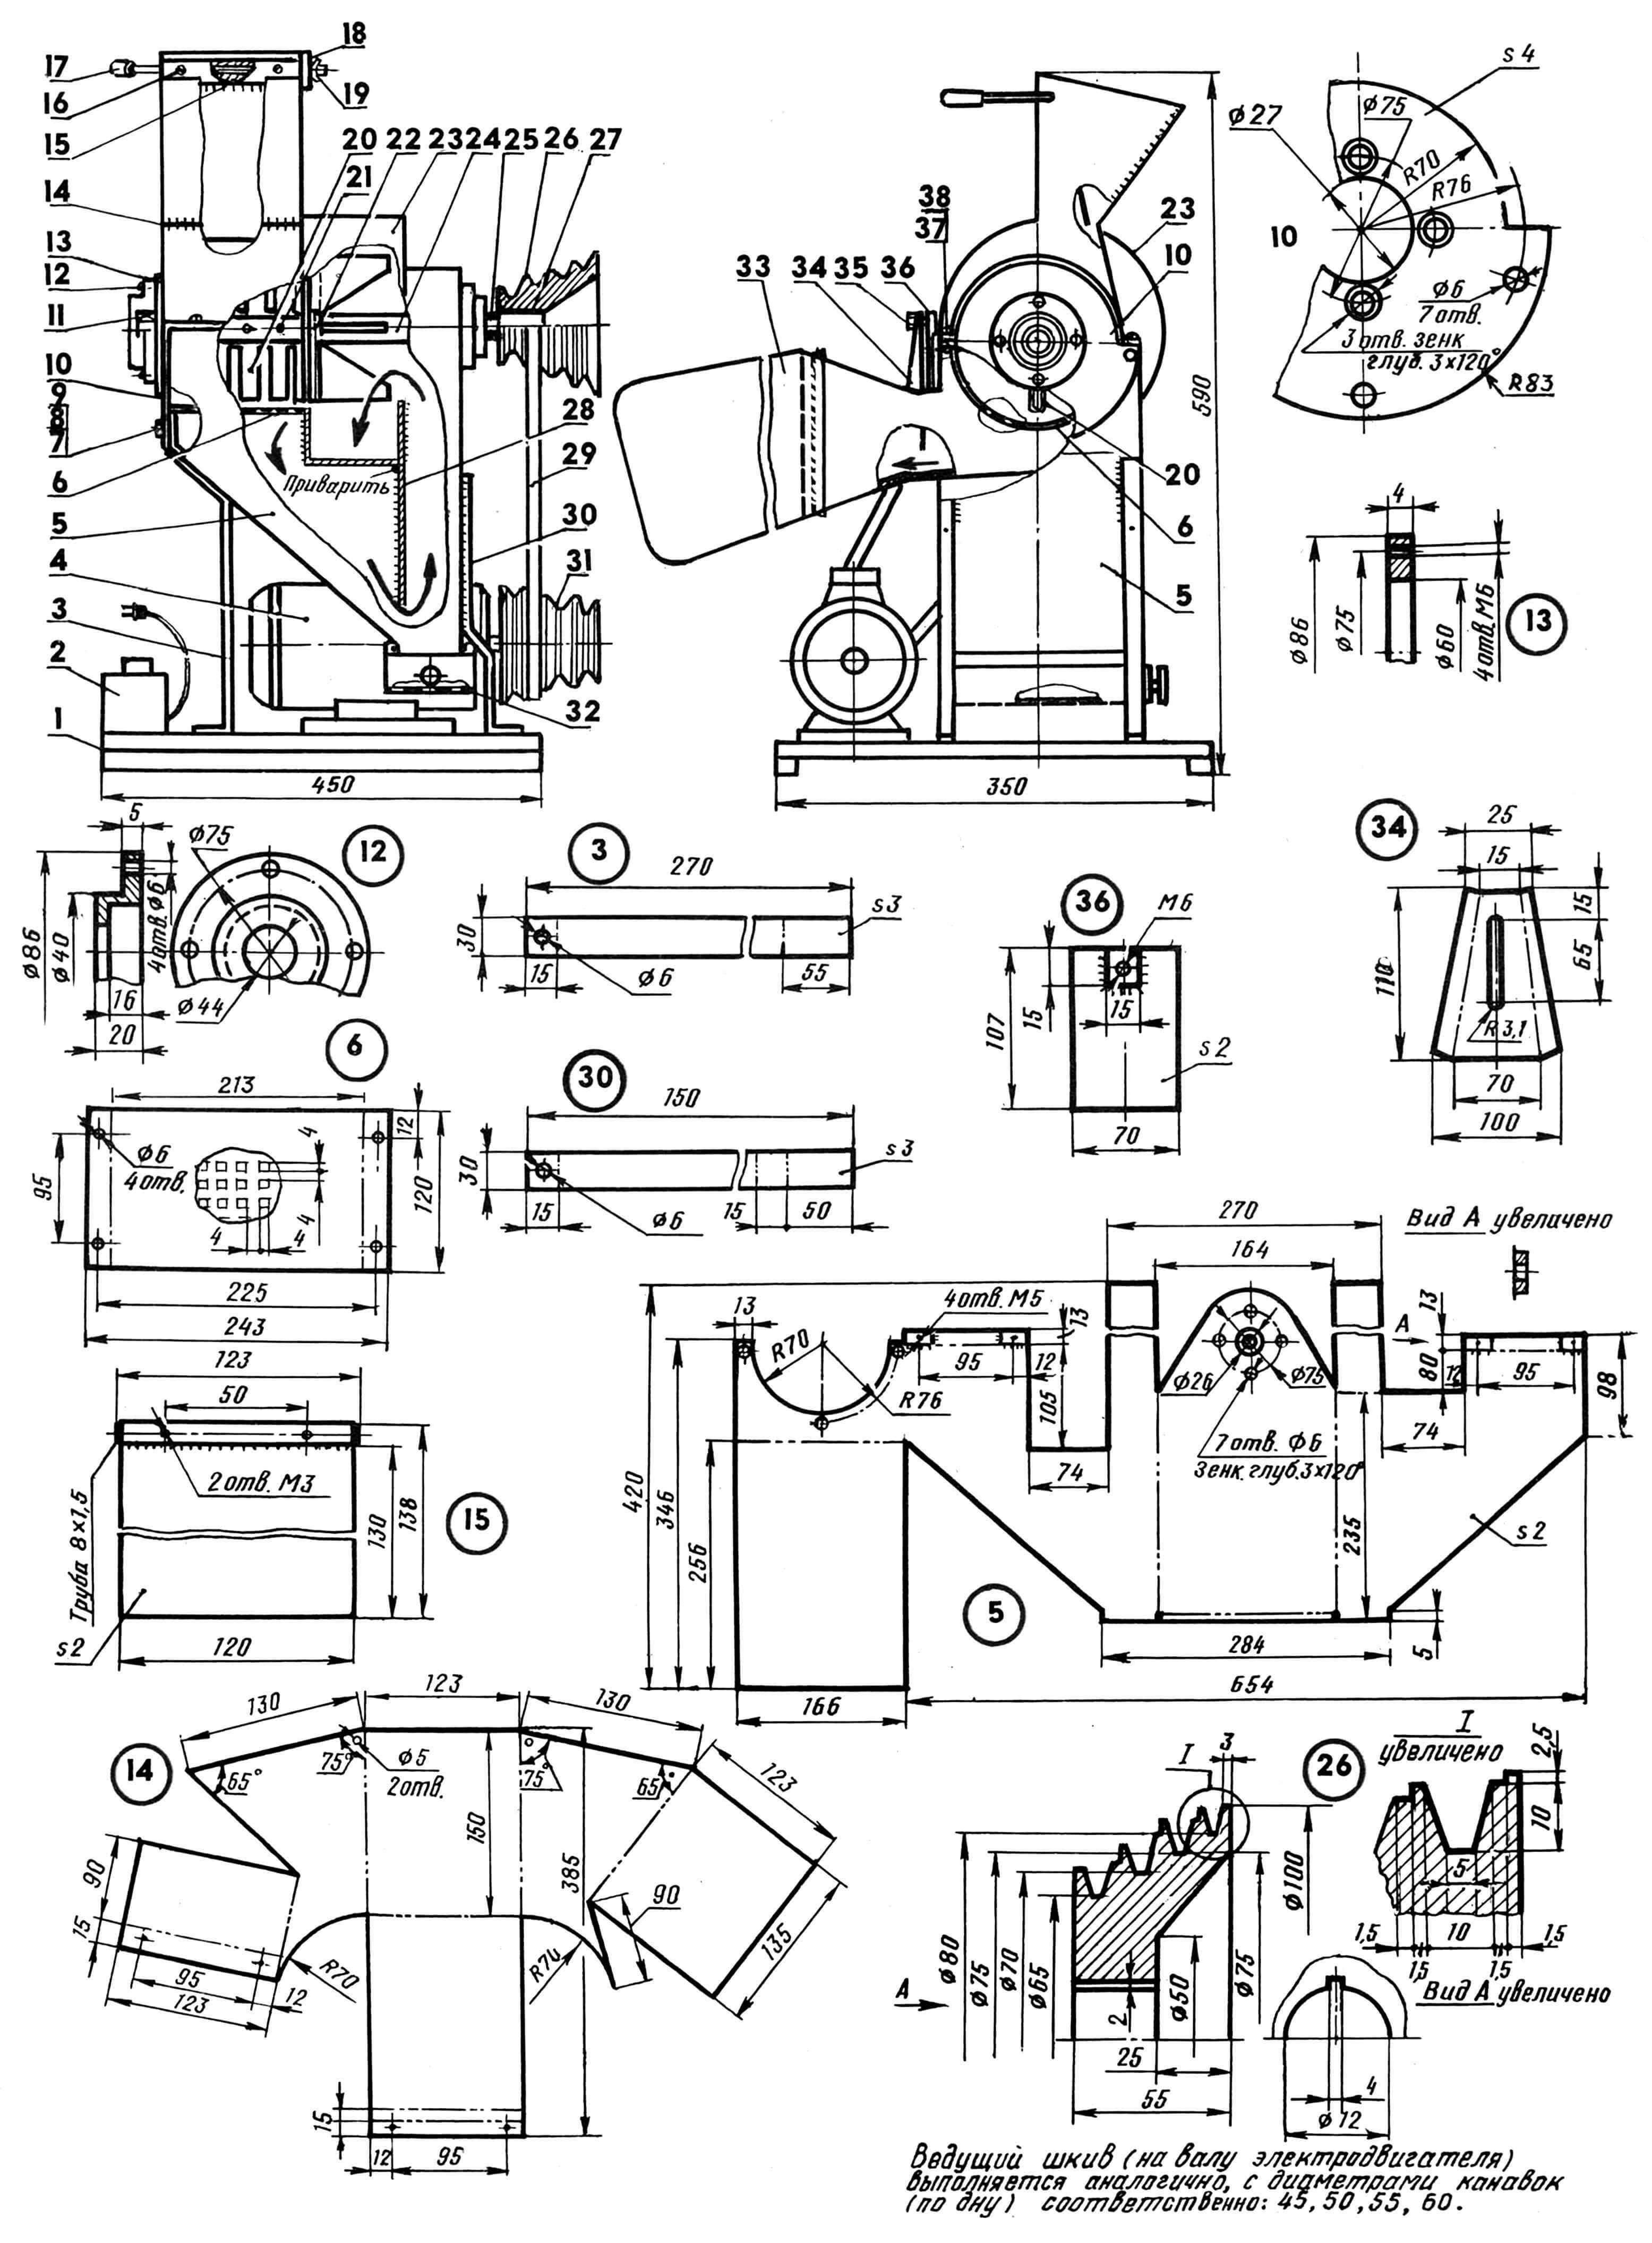 Микромолотилка-веялка (защитный кожух клиноременной передачи условно не показан): 1 — основание (10-мм фанера), 2 — электросетевой блок, 3 — стойка передняя приварная (Ст3, 2 шт.), 4 — электродвигатель, 5 — корпус сварной (Ст1), 6 — дека (капрон), 7 — винт М6 приварной (11 шт.), 8 — шайба Гровера (11 шт.), 9 — гайка М6 (11 шт.), 10 — стенка передняя фигурная (Ст3), 11 — шарикоподшипник 80201 с защитными шайбами (2 шт.), 12 — крышка шарикоподшипника (Ст3, 2 шт.), 13 — кольцо усиления жесткости конструкции приварное (Ст3, 2 шт.), 14 — бункер загрузочный сварной (Ст3), 15 — клапан загрузочный (сварная конструкция из отрезка трубы и листа Ст3), 16 — винт М3 (2 шт.), 17 — ось-рычаг загрузочного клапана (Ст5), 18 — шайба, 19 — шплинт, 20 — билы эластичные в виде фигурной лопасти (резина), 21 — винт М5 крепления лопасти (3 шт.), 22 — крыльчатка вентилятора (сварная конструкция из Ст5), 23 — кожух вентилятора сварной (Ст1), 24 — вал (Сталь 45), 25 — втулка (12-мм отрезок трубы 17x1 стальной, 3 шт.), 26 — шкив ведомый (Ст3), 27 — шпонка призматическая (4x4x26 мм, 2 шт.), 28 — стенка аспирационного канала (Ст1), 29 — ремень клиновой приводной, 30 — стойка задняя (2 шт.), 31 — шкив ведущий (Ст3), 32 — семенной ящик, 33 — половосборник (из хлопчатобумажной ткани), 34 — кронштейн приварной, 35 — винт М6 с головкой «барашек», 36 — заслонка (Ст1), 37 — винт М5 (4 шт.), 38 — шайба разрезная (4 шт.); элементы крепления электросилового блока, стоек, двигателя условно не показаны; на виде сбоку электросетевой блок не показан.